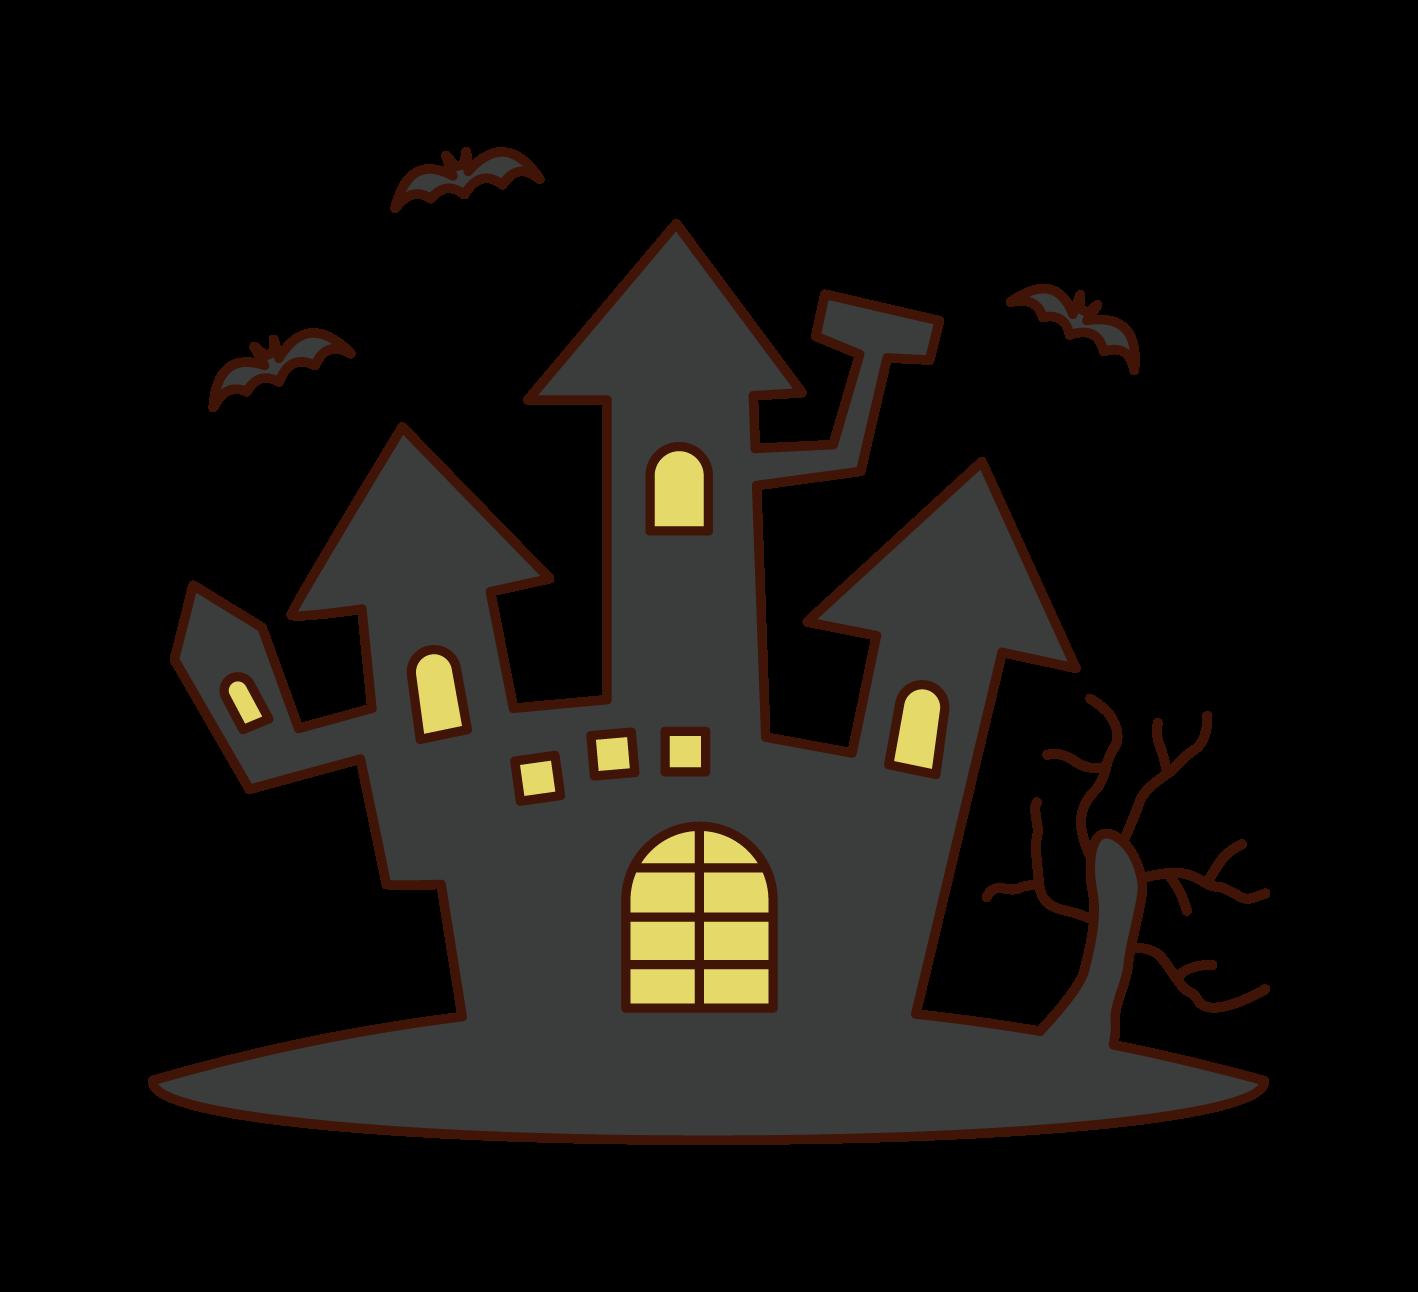 悪魔の城(ハロウィン)のイラスト